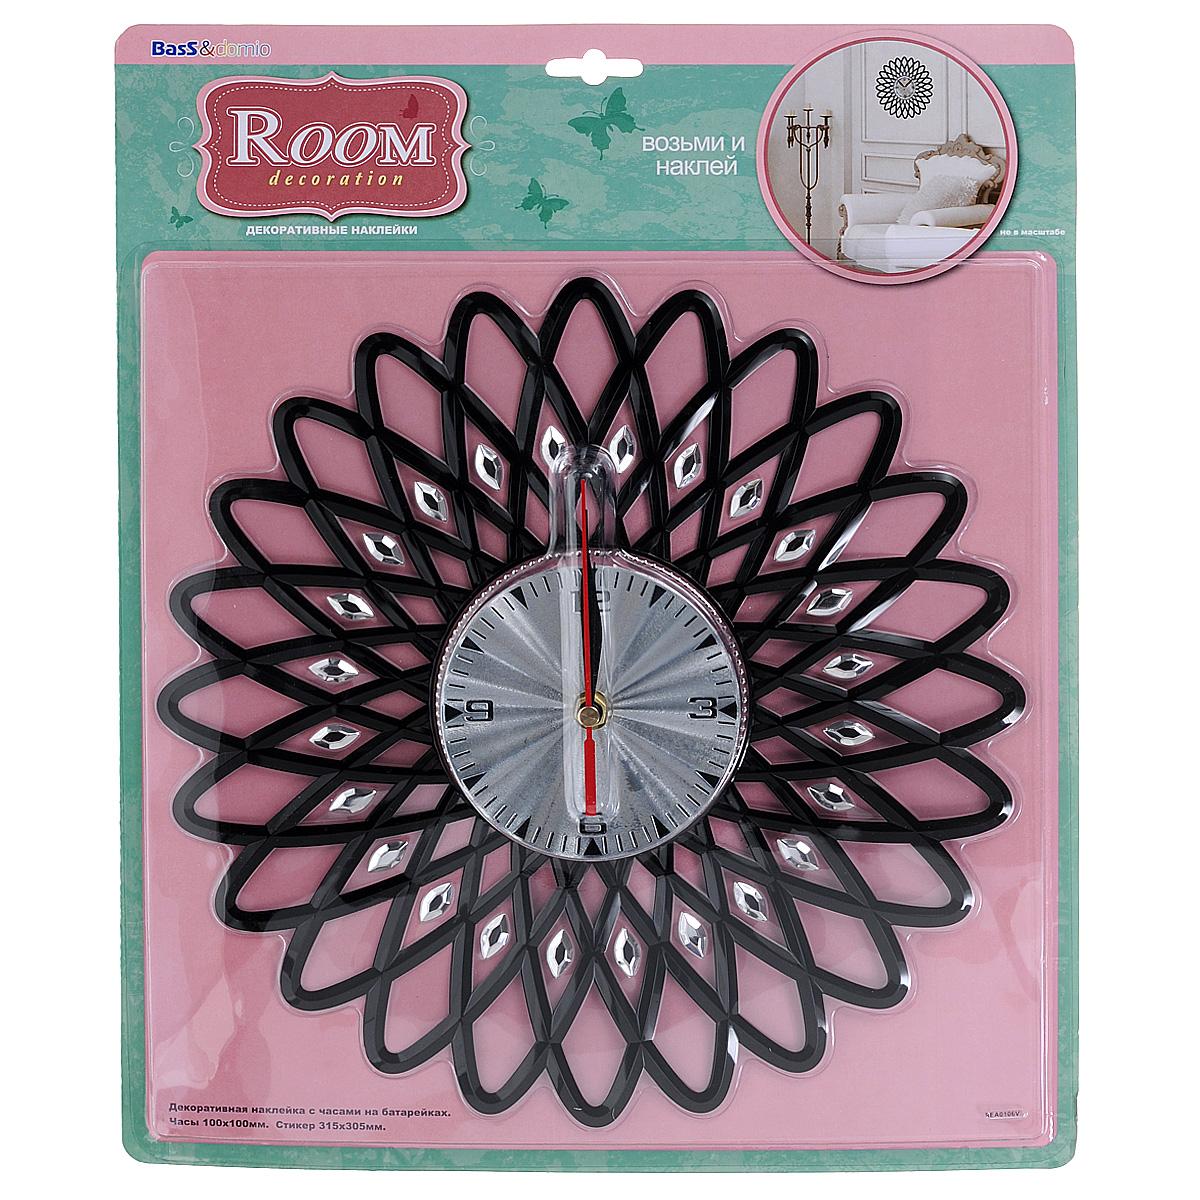 Наклейка-часы для интерьера Room Decoration, 31,5 см х 30,5 см наклейки для интерьера room decoration кокетка со стразами 50 х 32 см